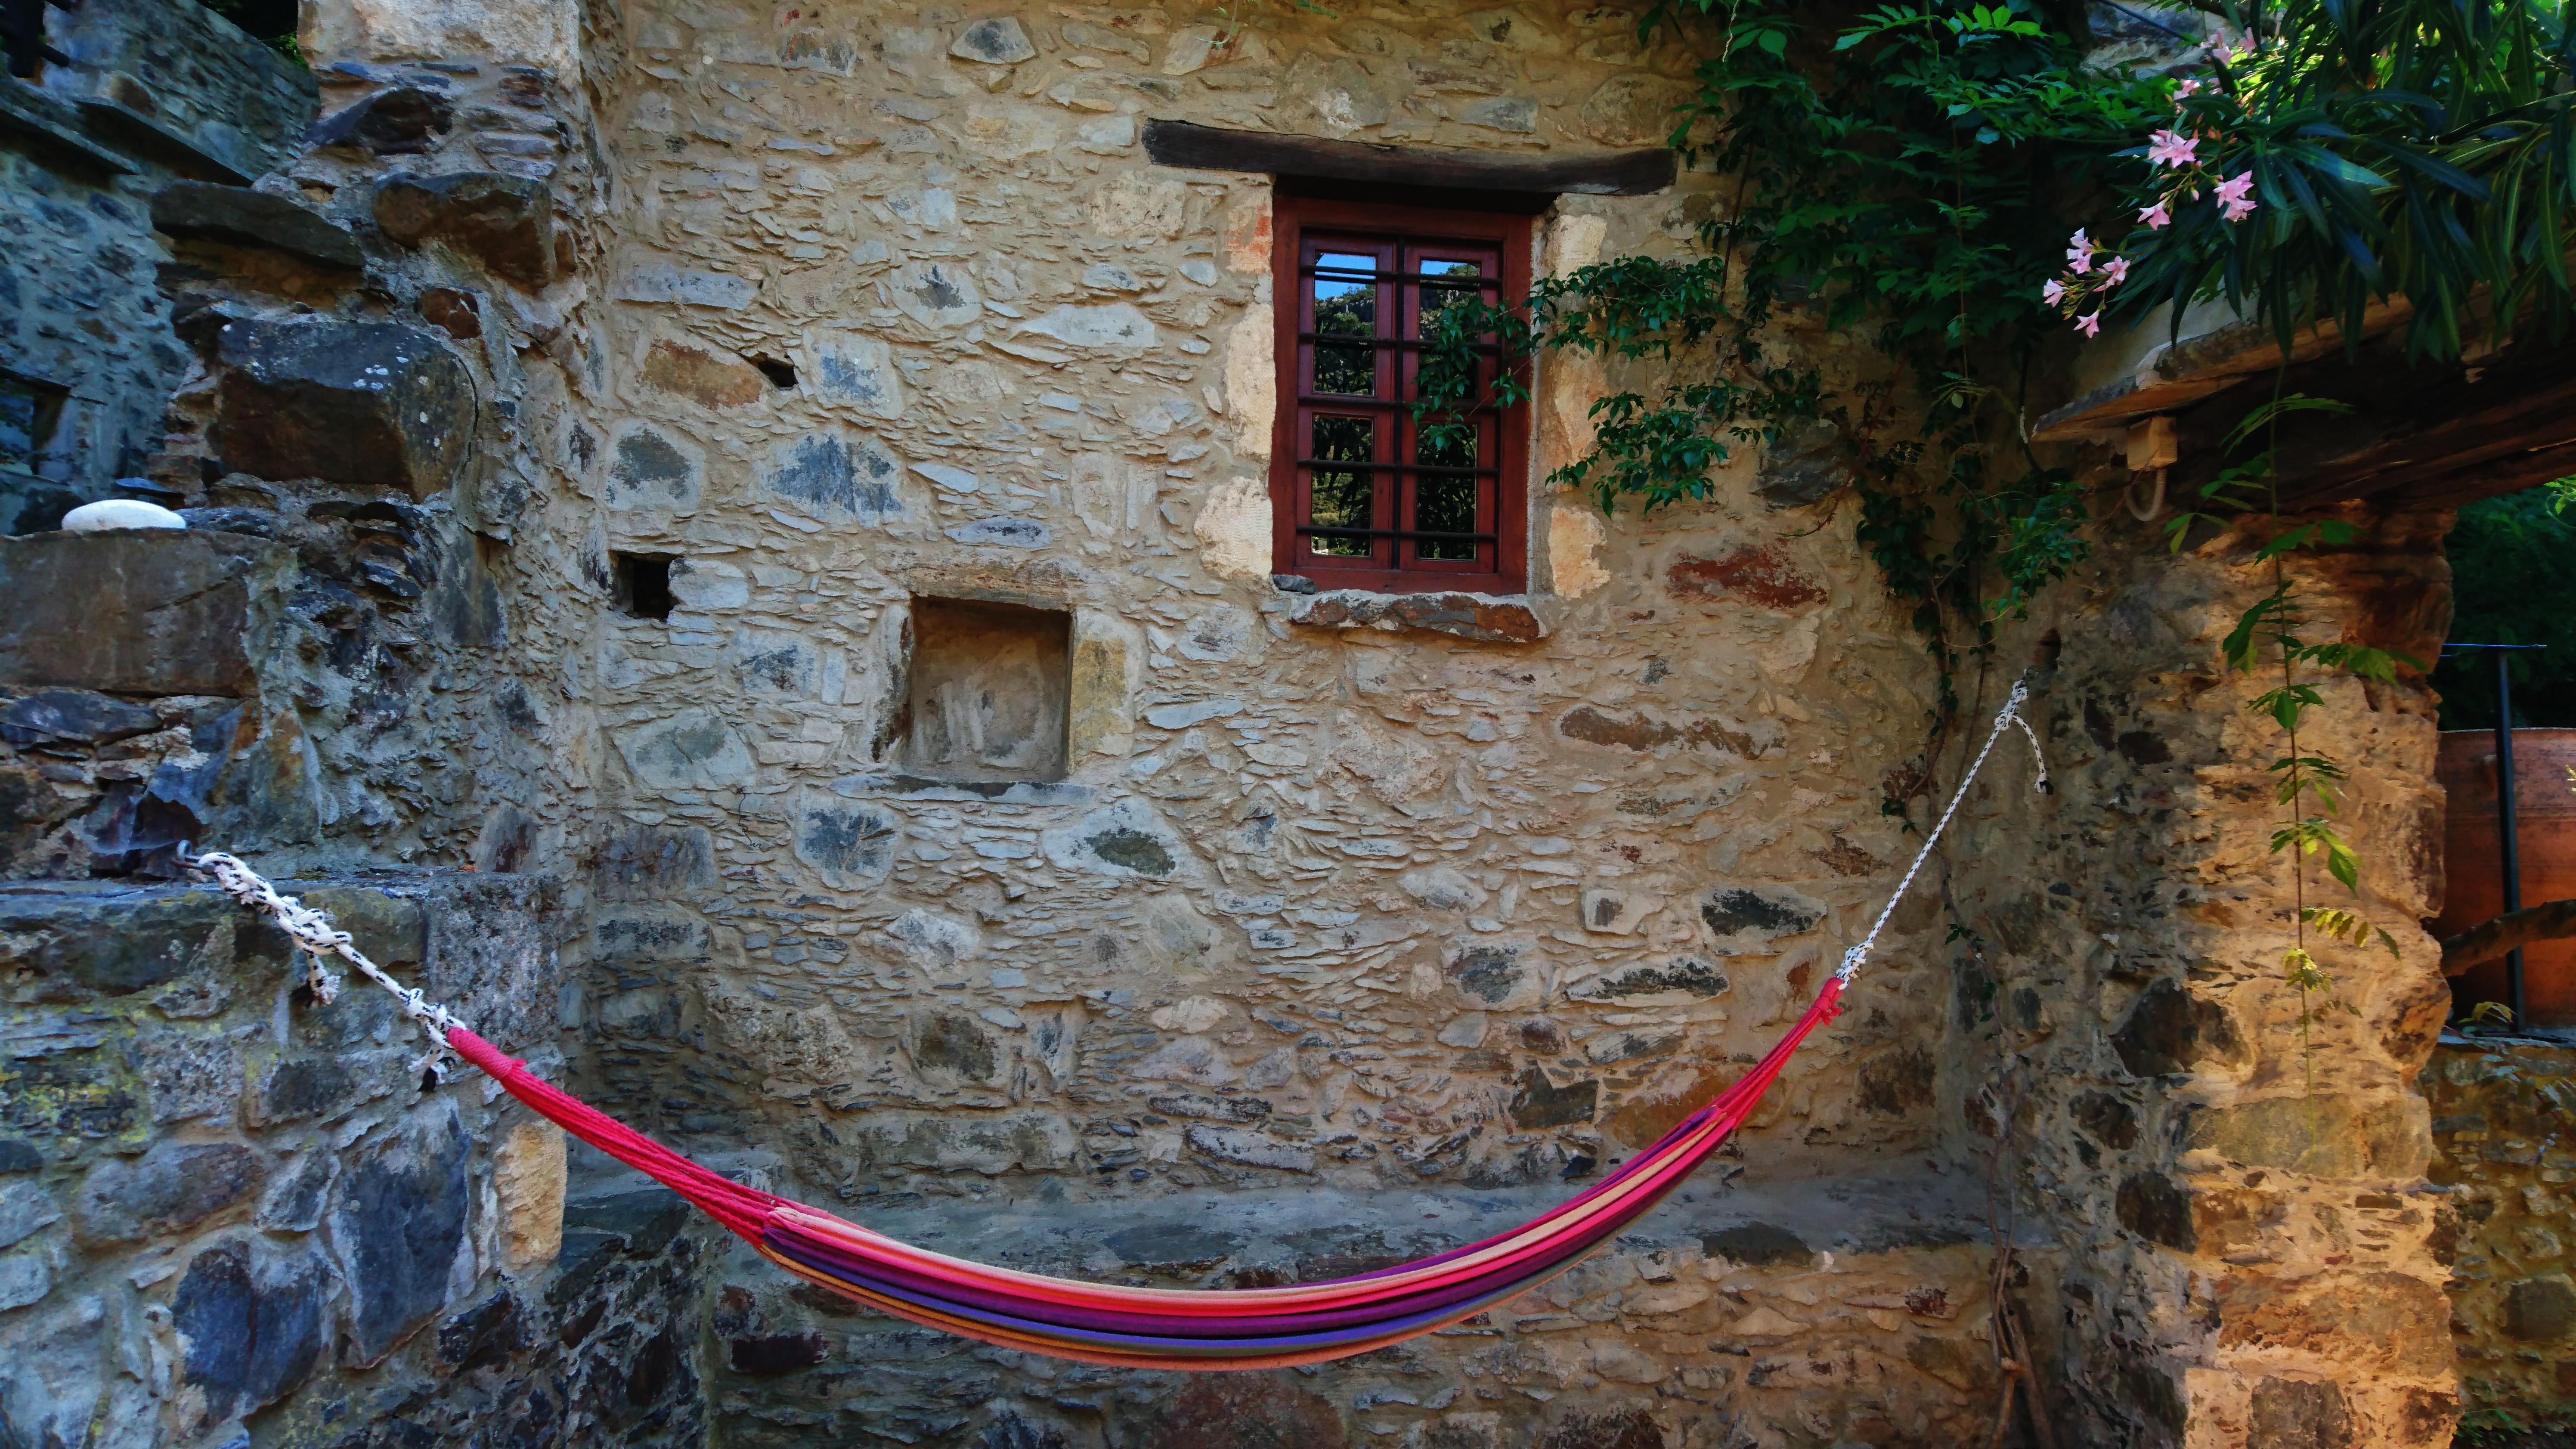 Das Milia Mountain Resort wurde mit Materialien der Umgebung und traditionellen Handwerk wieder errichtet. Foto: jag, 2017